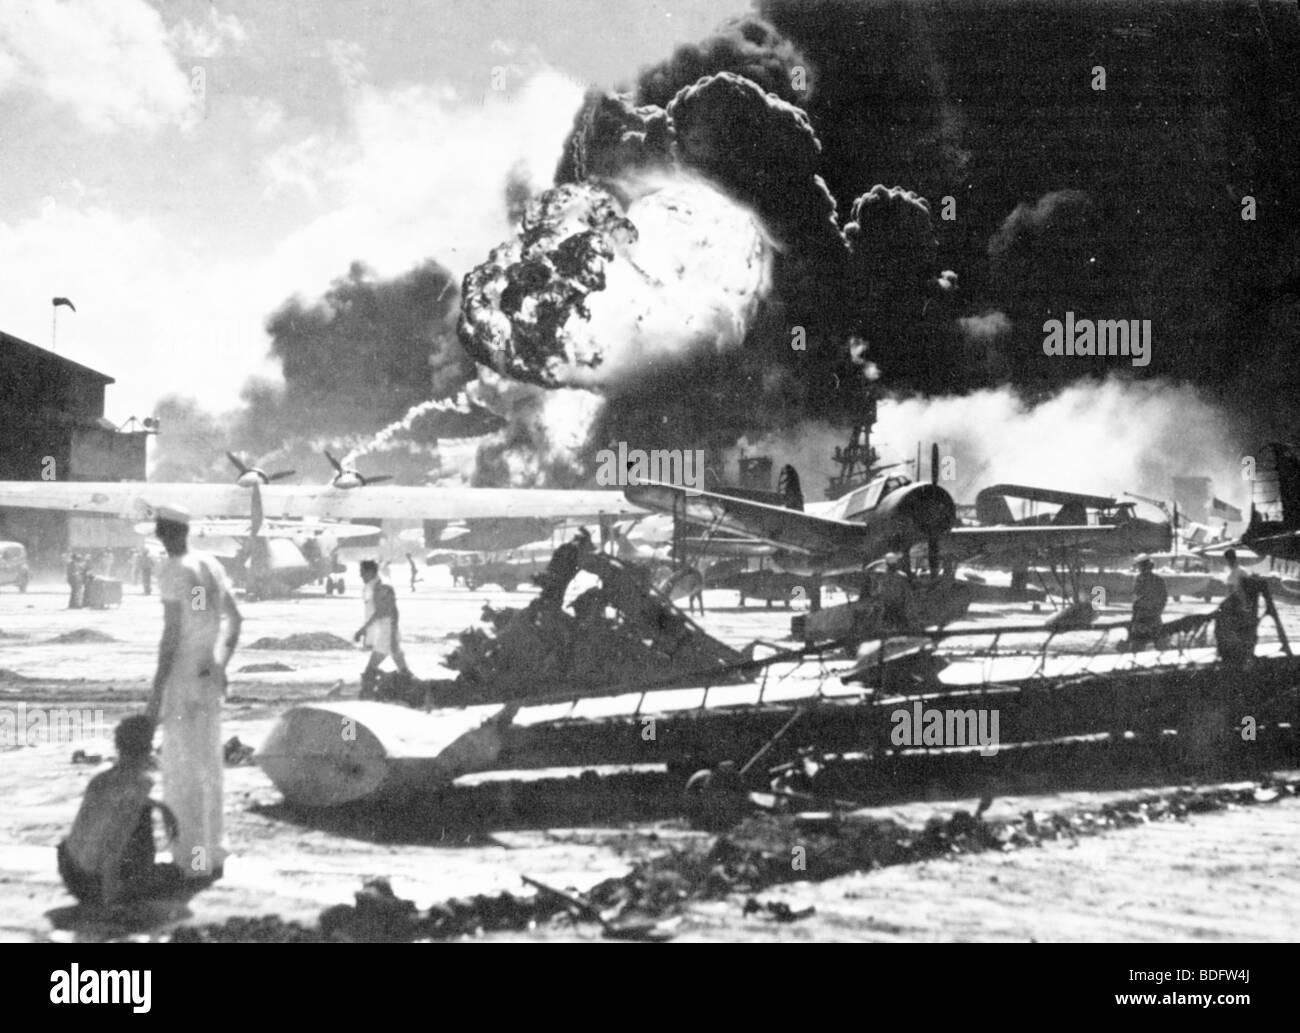 Attaque de Pearl Harbor par le Japon sur la base américaine à Oahu, Hawaii, le 7 décembre 1941 Photo Stock